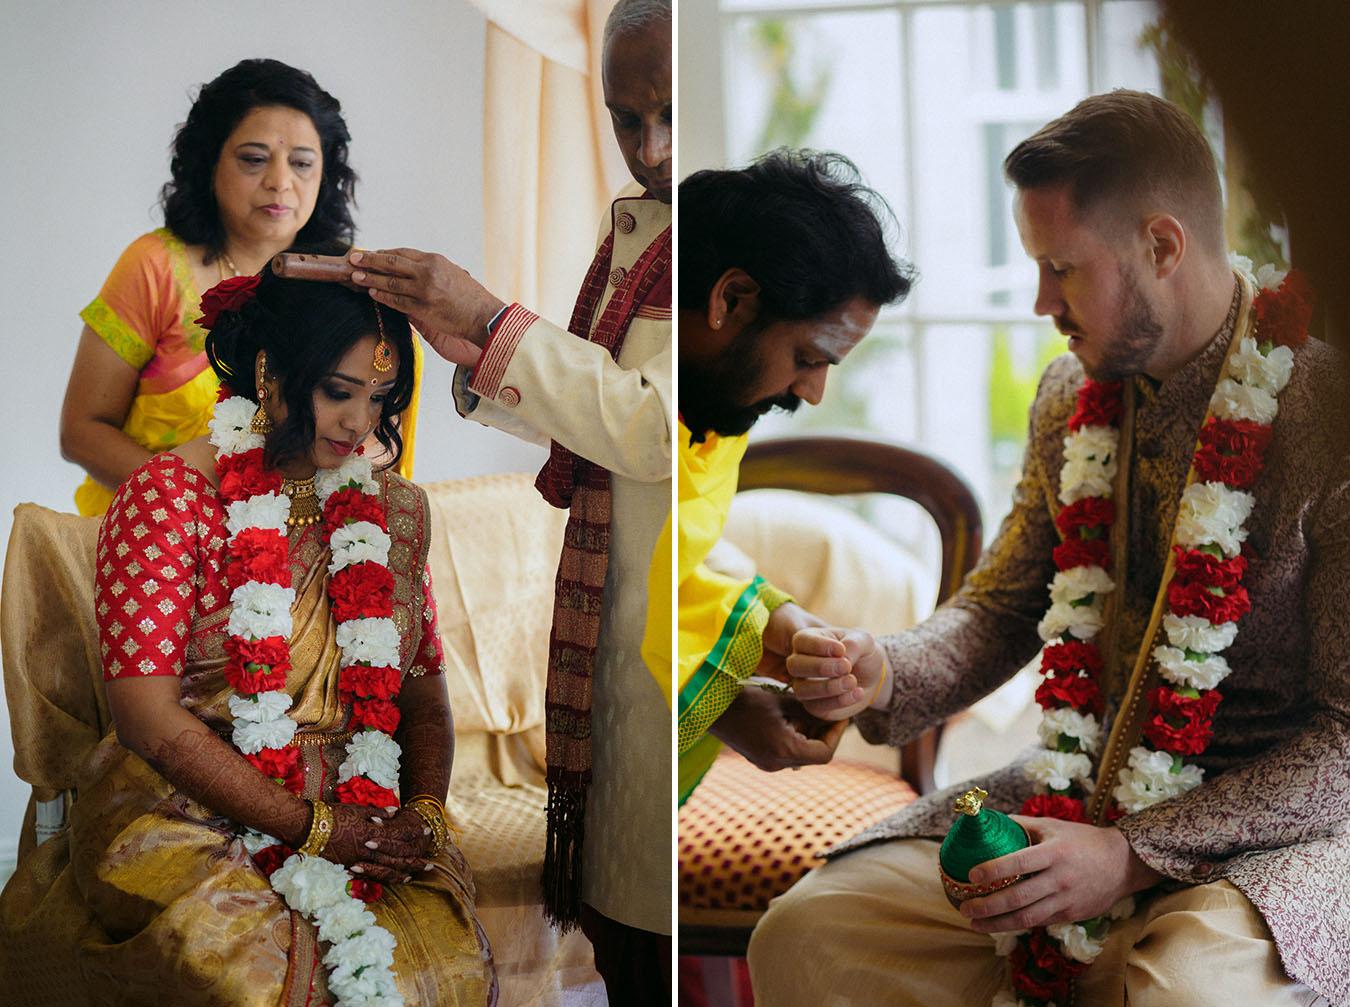 Hindu ceremony in Ireland